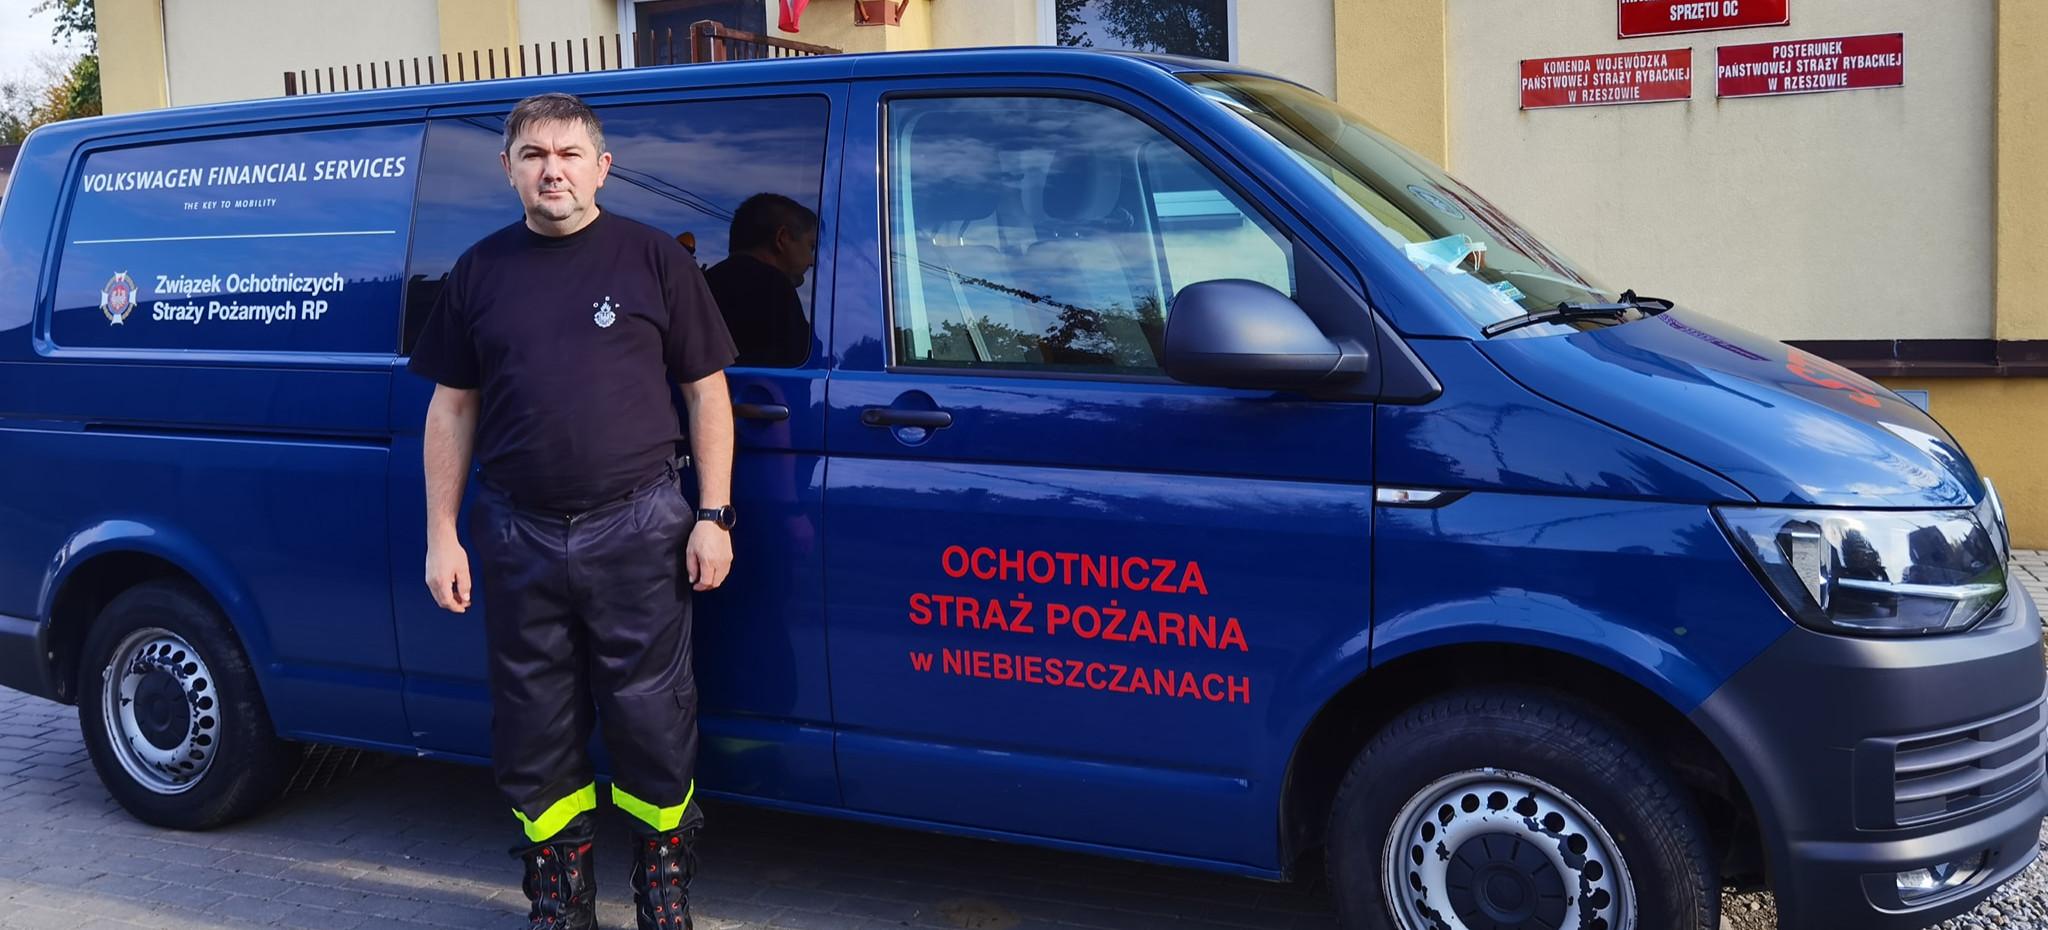 Strażacy z Niebieszczan chcą wozić ozdrowieńców z Sanoka do Rzeszowa. Za darmo!